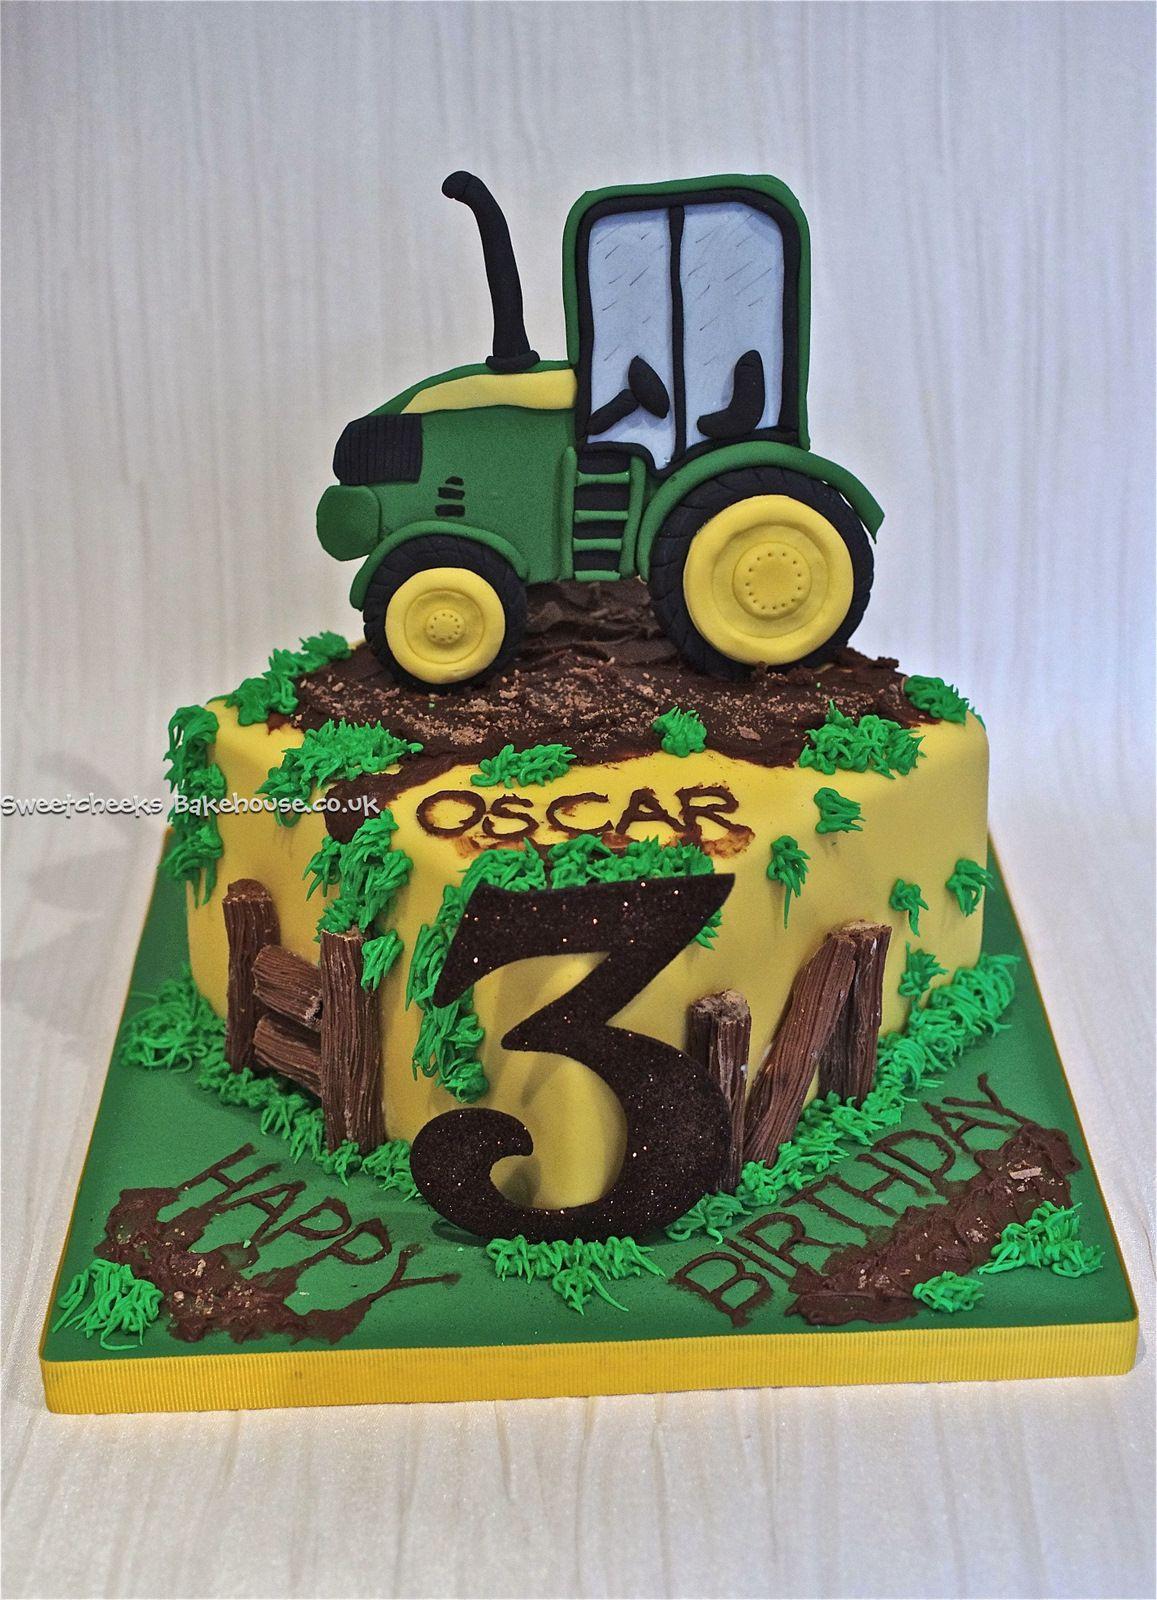 Home Cakes For Men John Deere Tractor Cake Birthday Farm